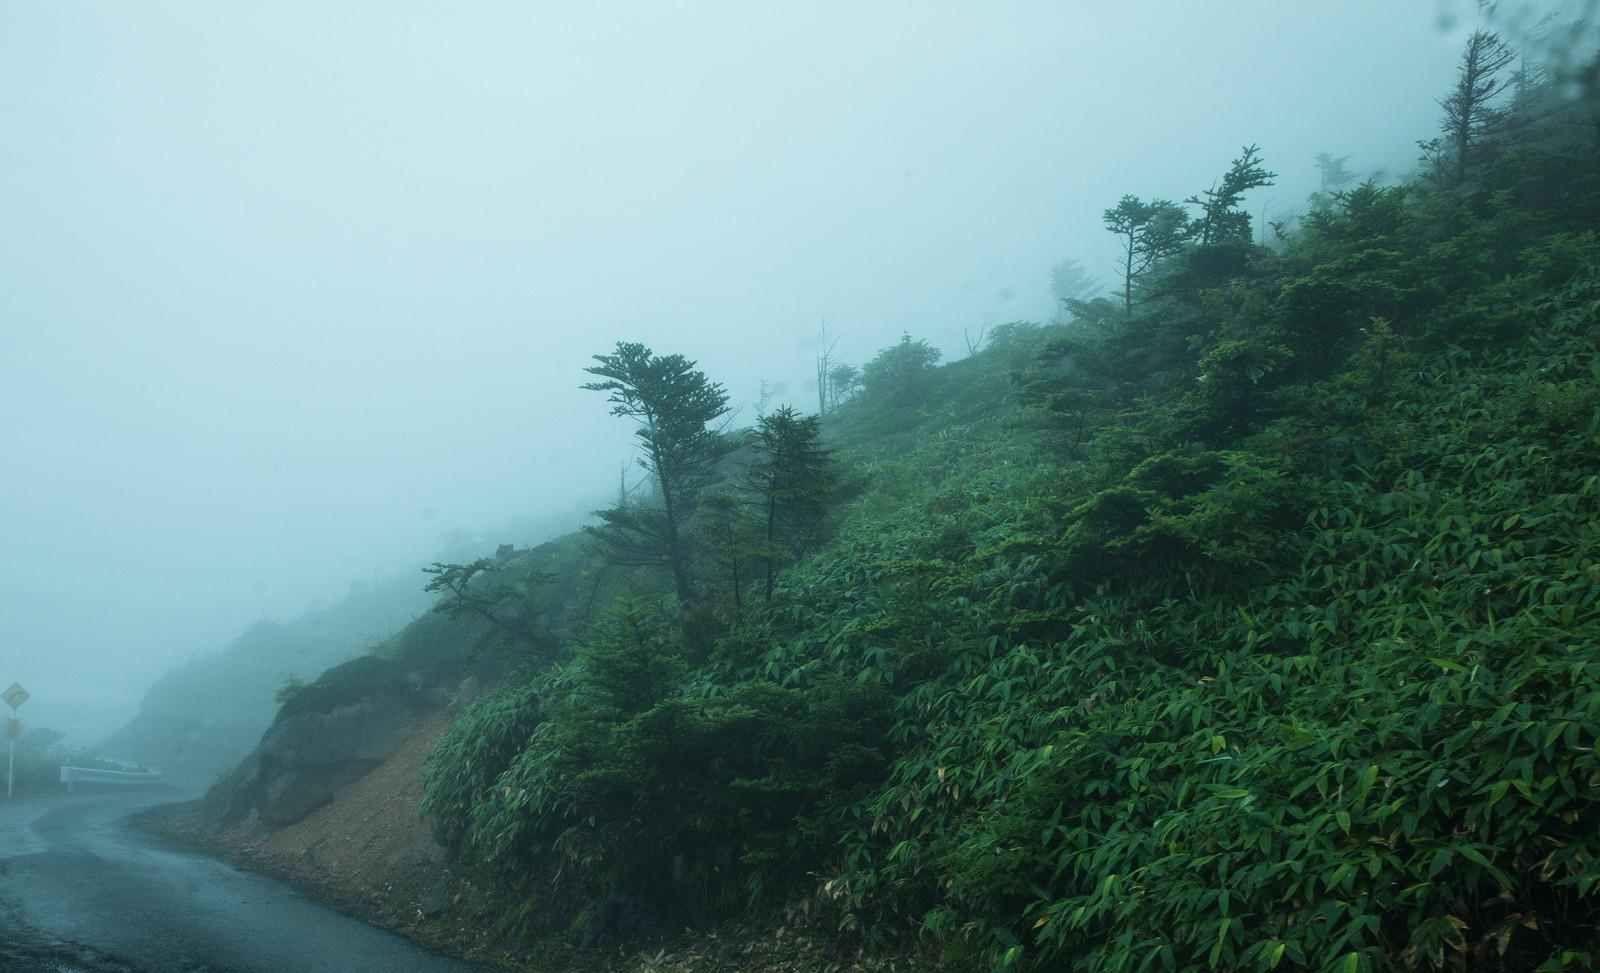 【お知らせ】西日本の豪雨被害に伴う配送の遅延について